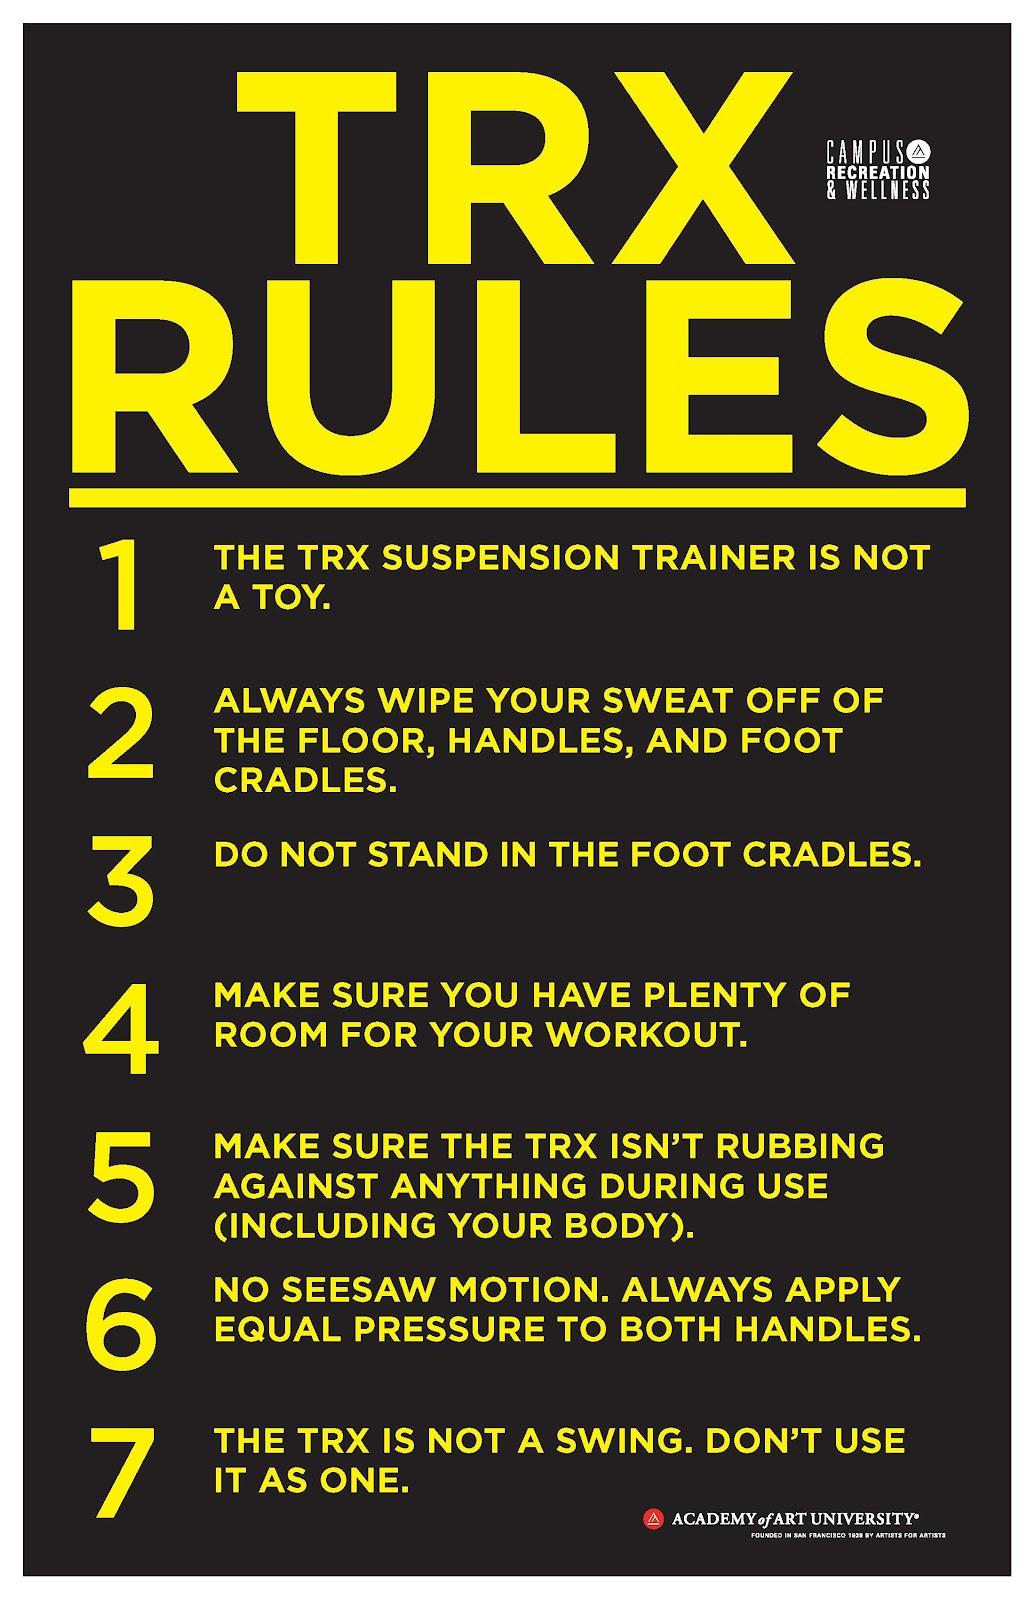 TRX Rules